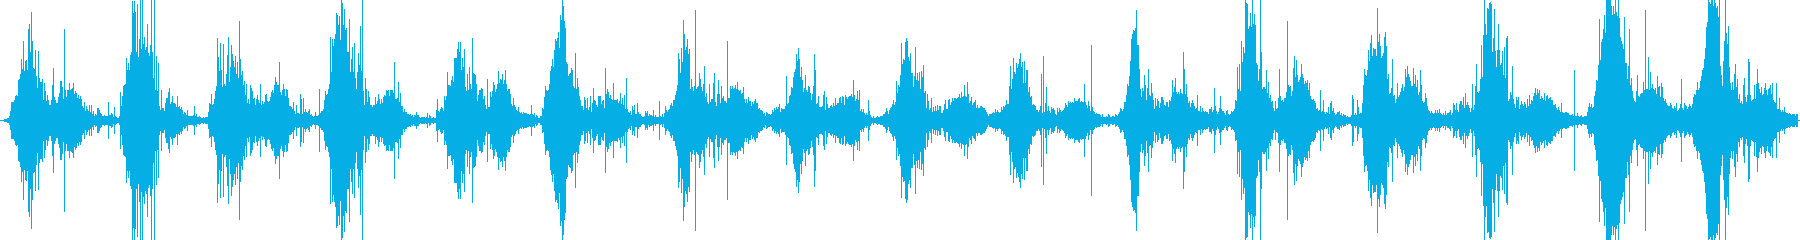 落ち葉の上を歩く足音の再生済みの波形